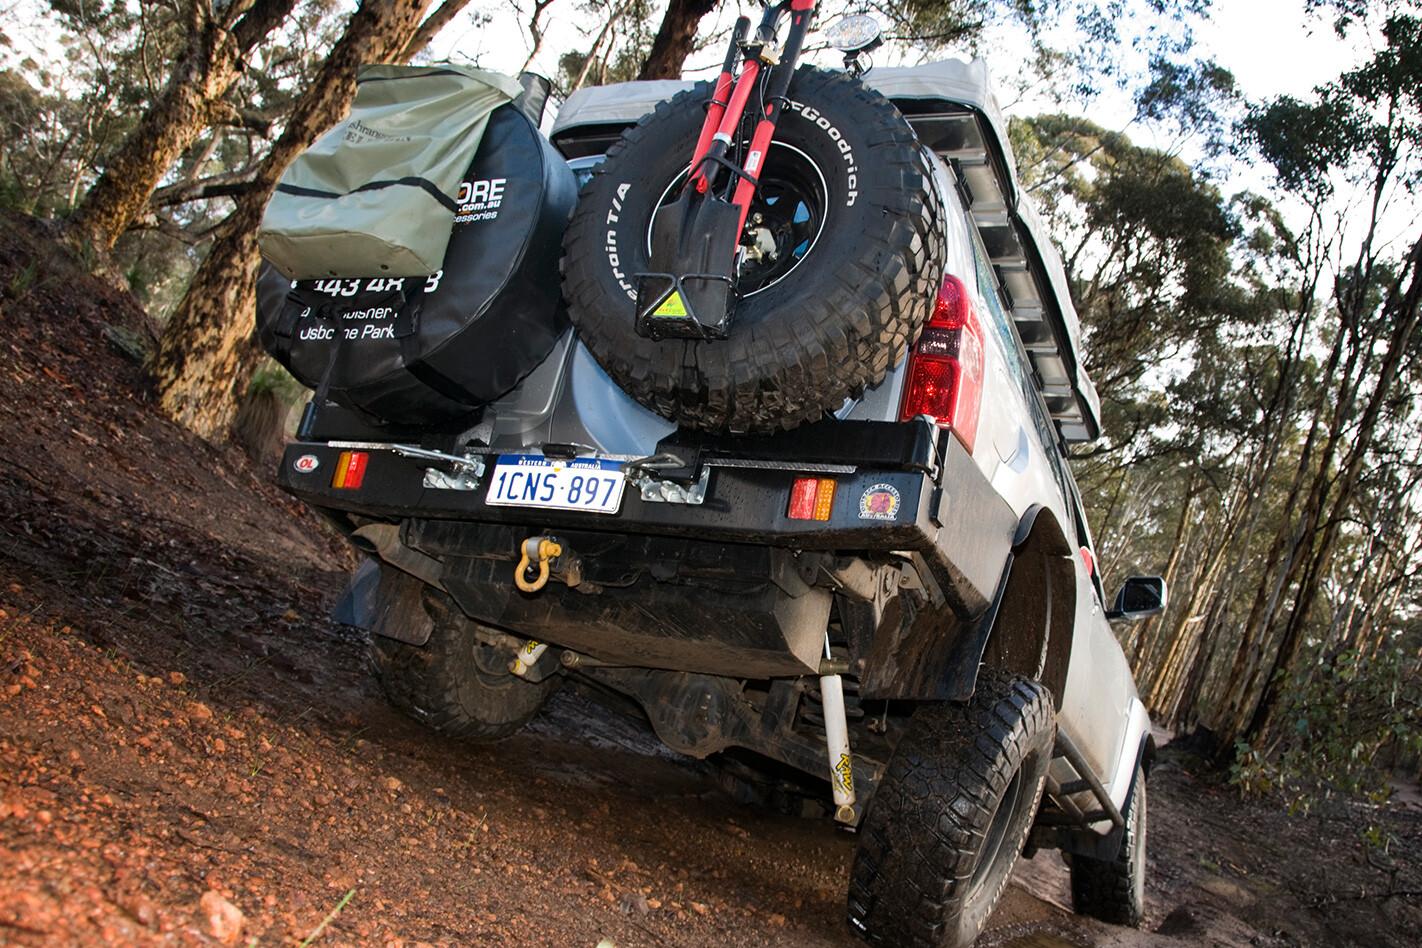 2005-Nissan-Patrol-GU-rear